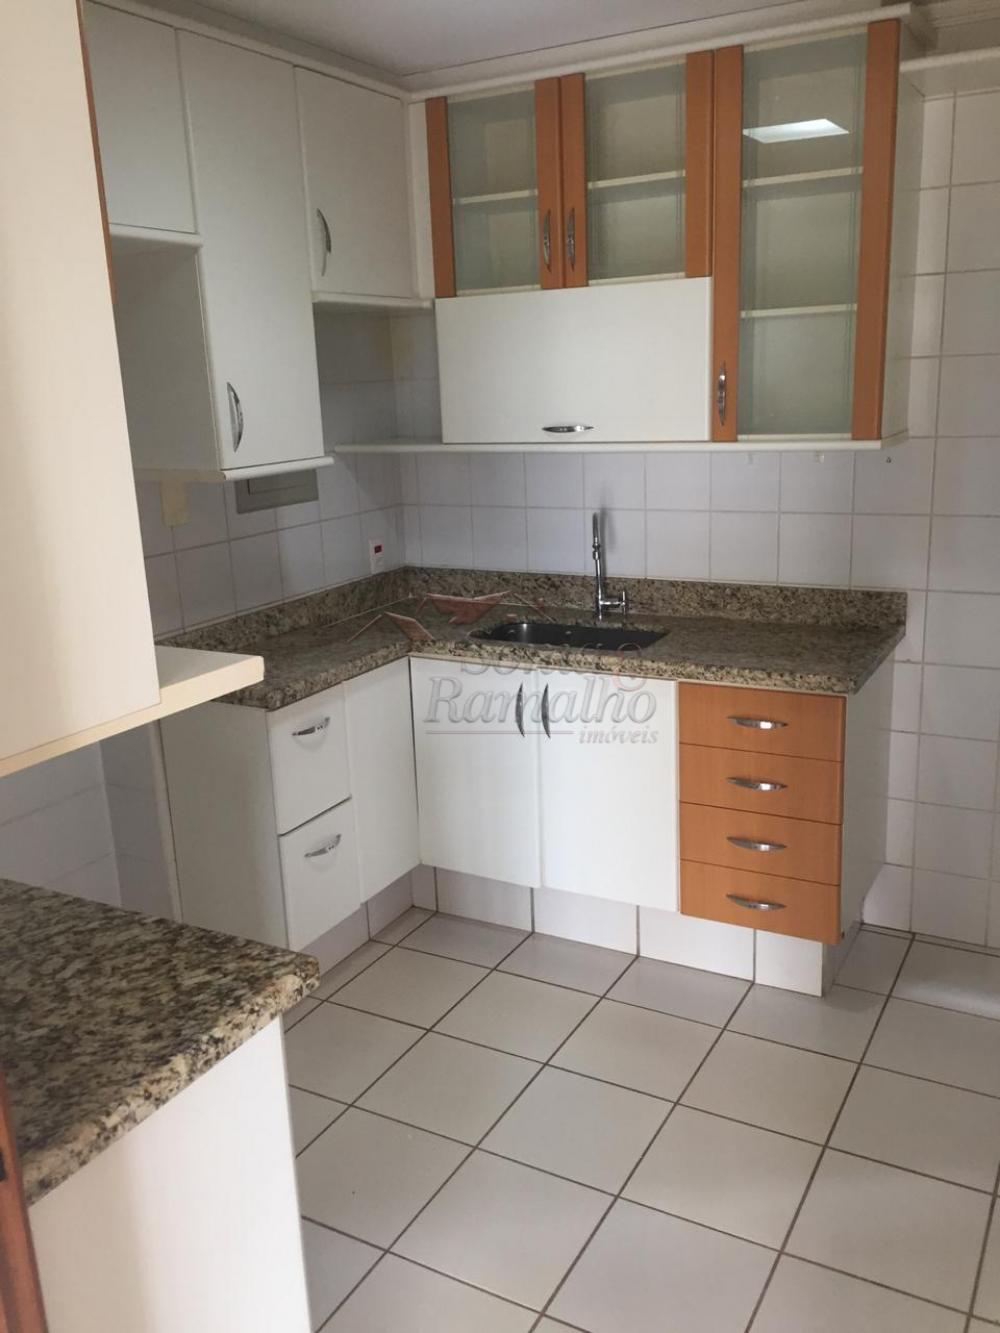 Alugar Apartamentos / Padrão em Ribeirão Preto apenas R$ 950,00 - Foto 14